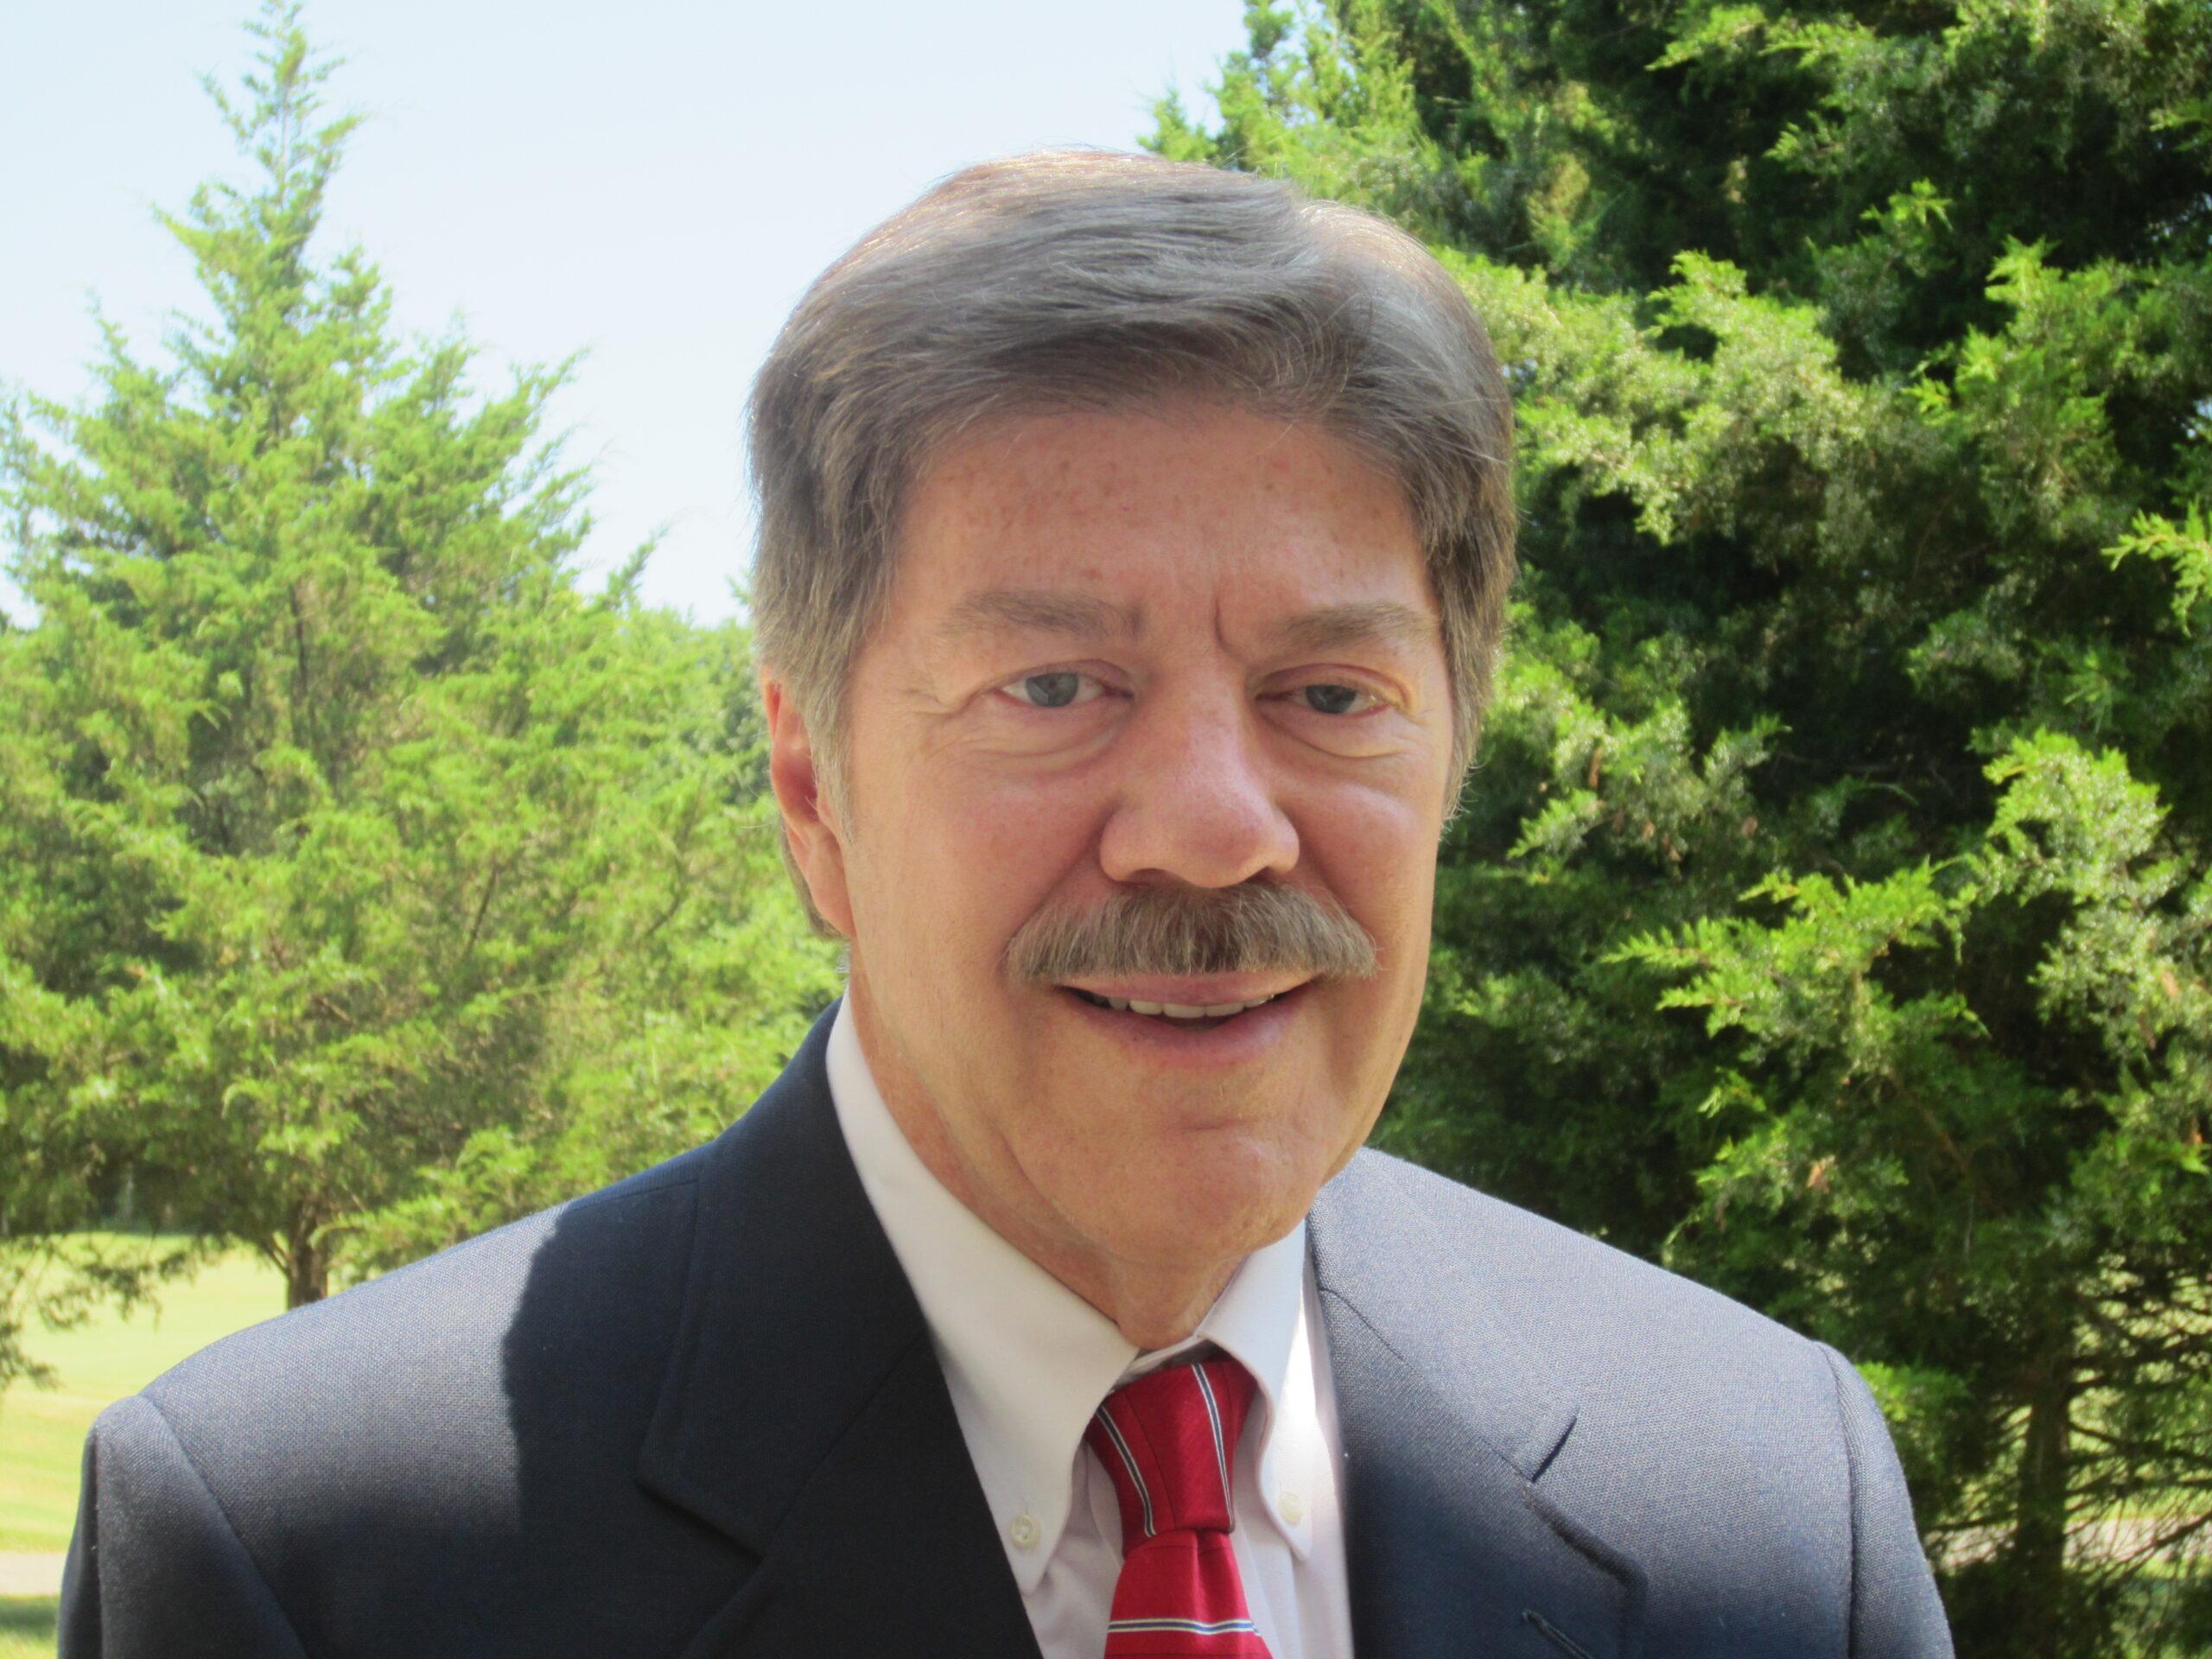 Headshot of Bob Larson